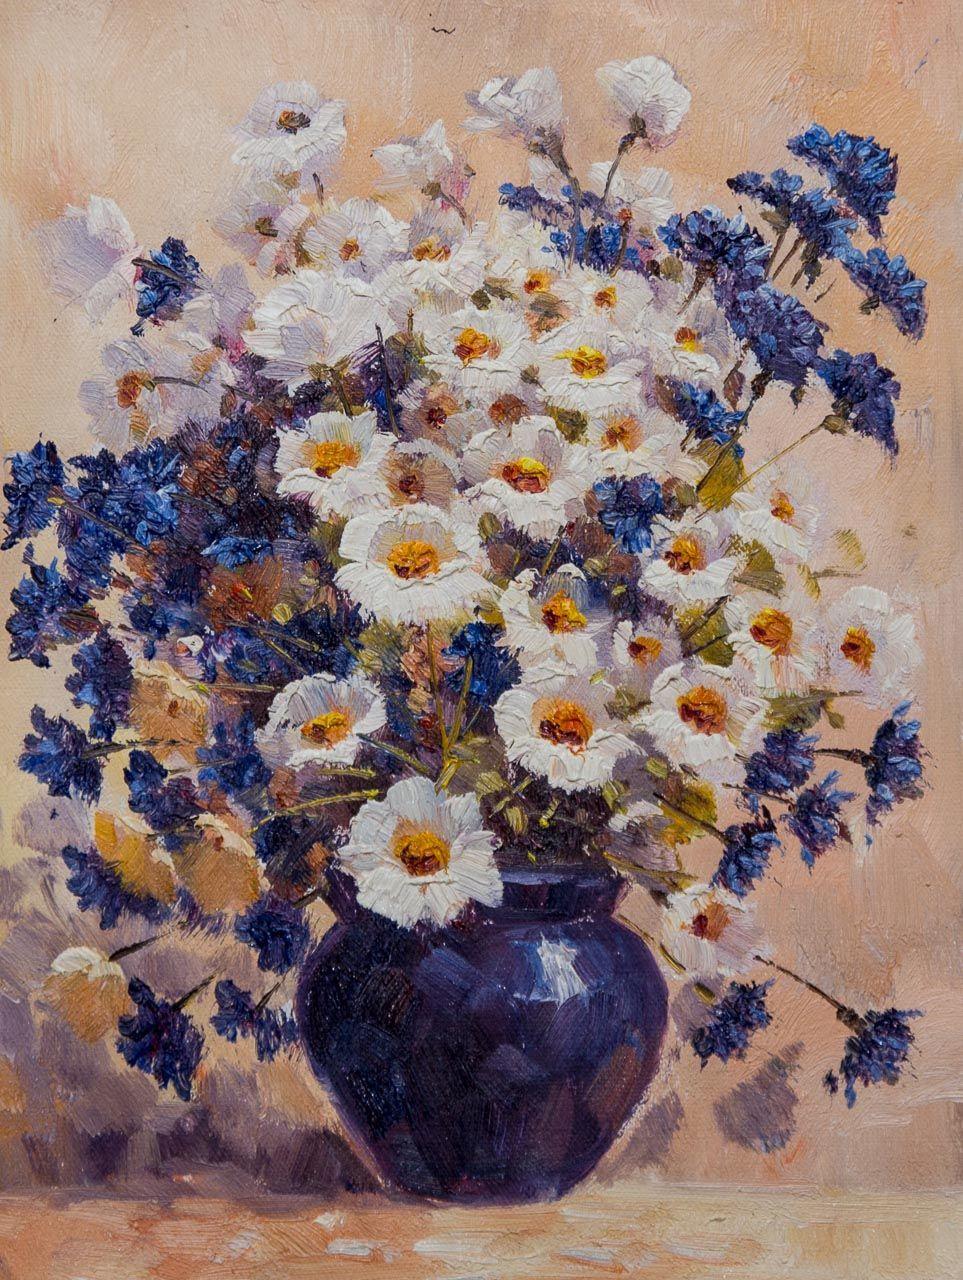 Andrzej Vlodarczyk. Chamomile and cornflowers